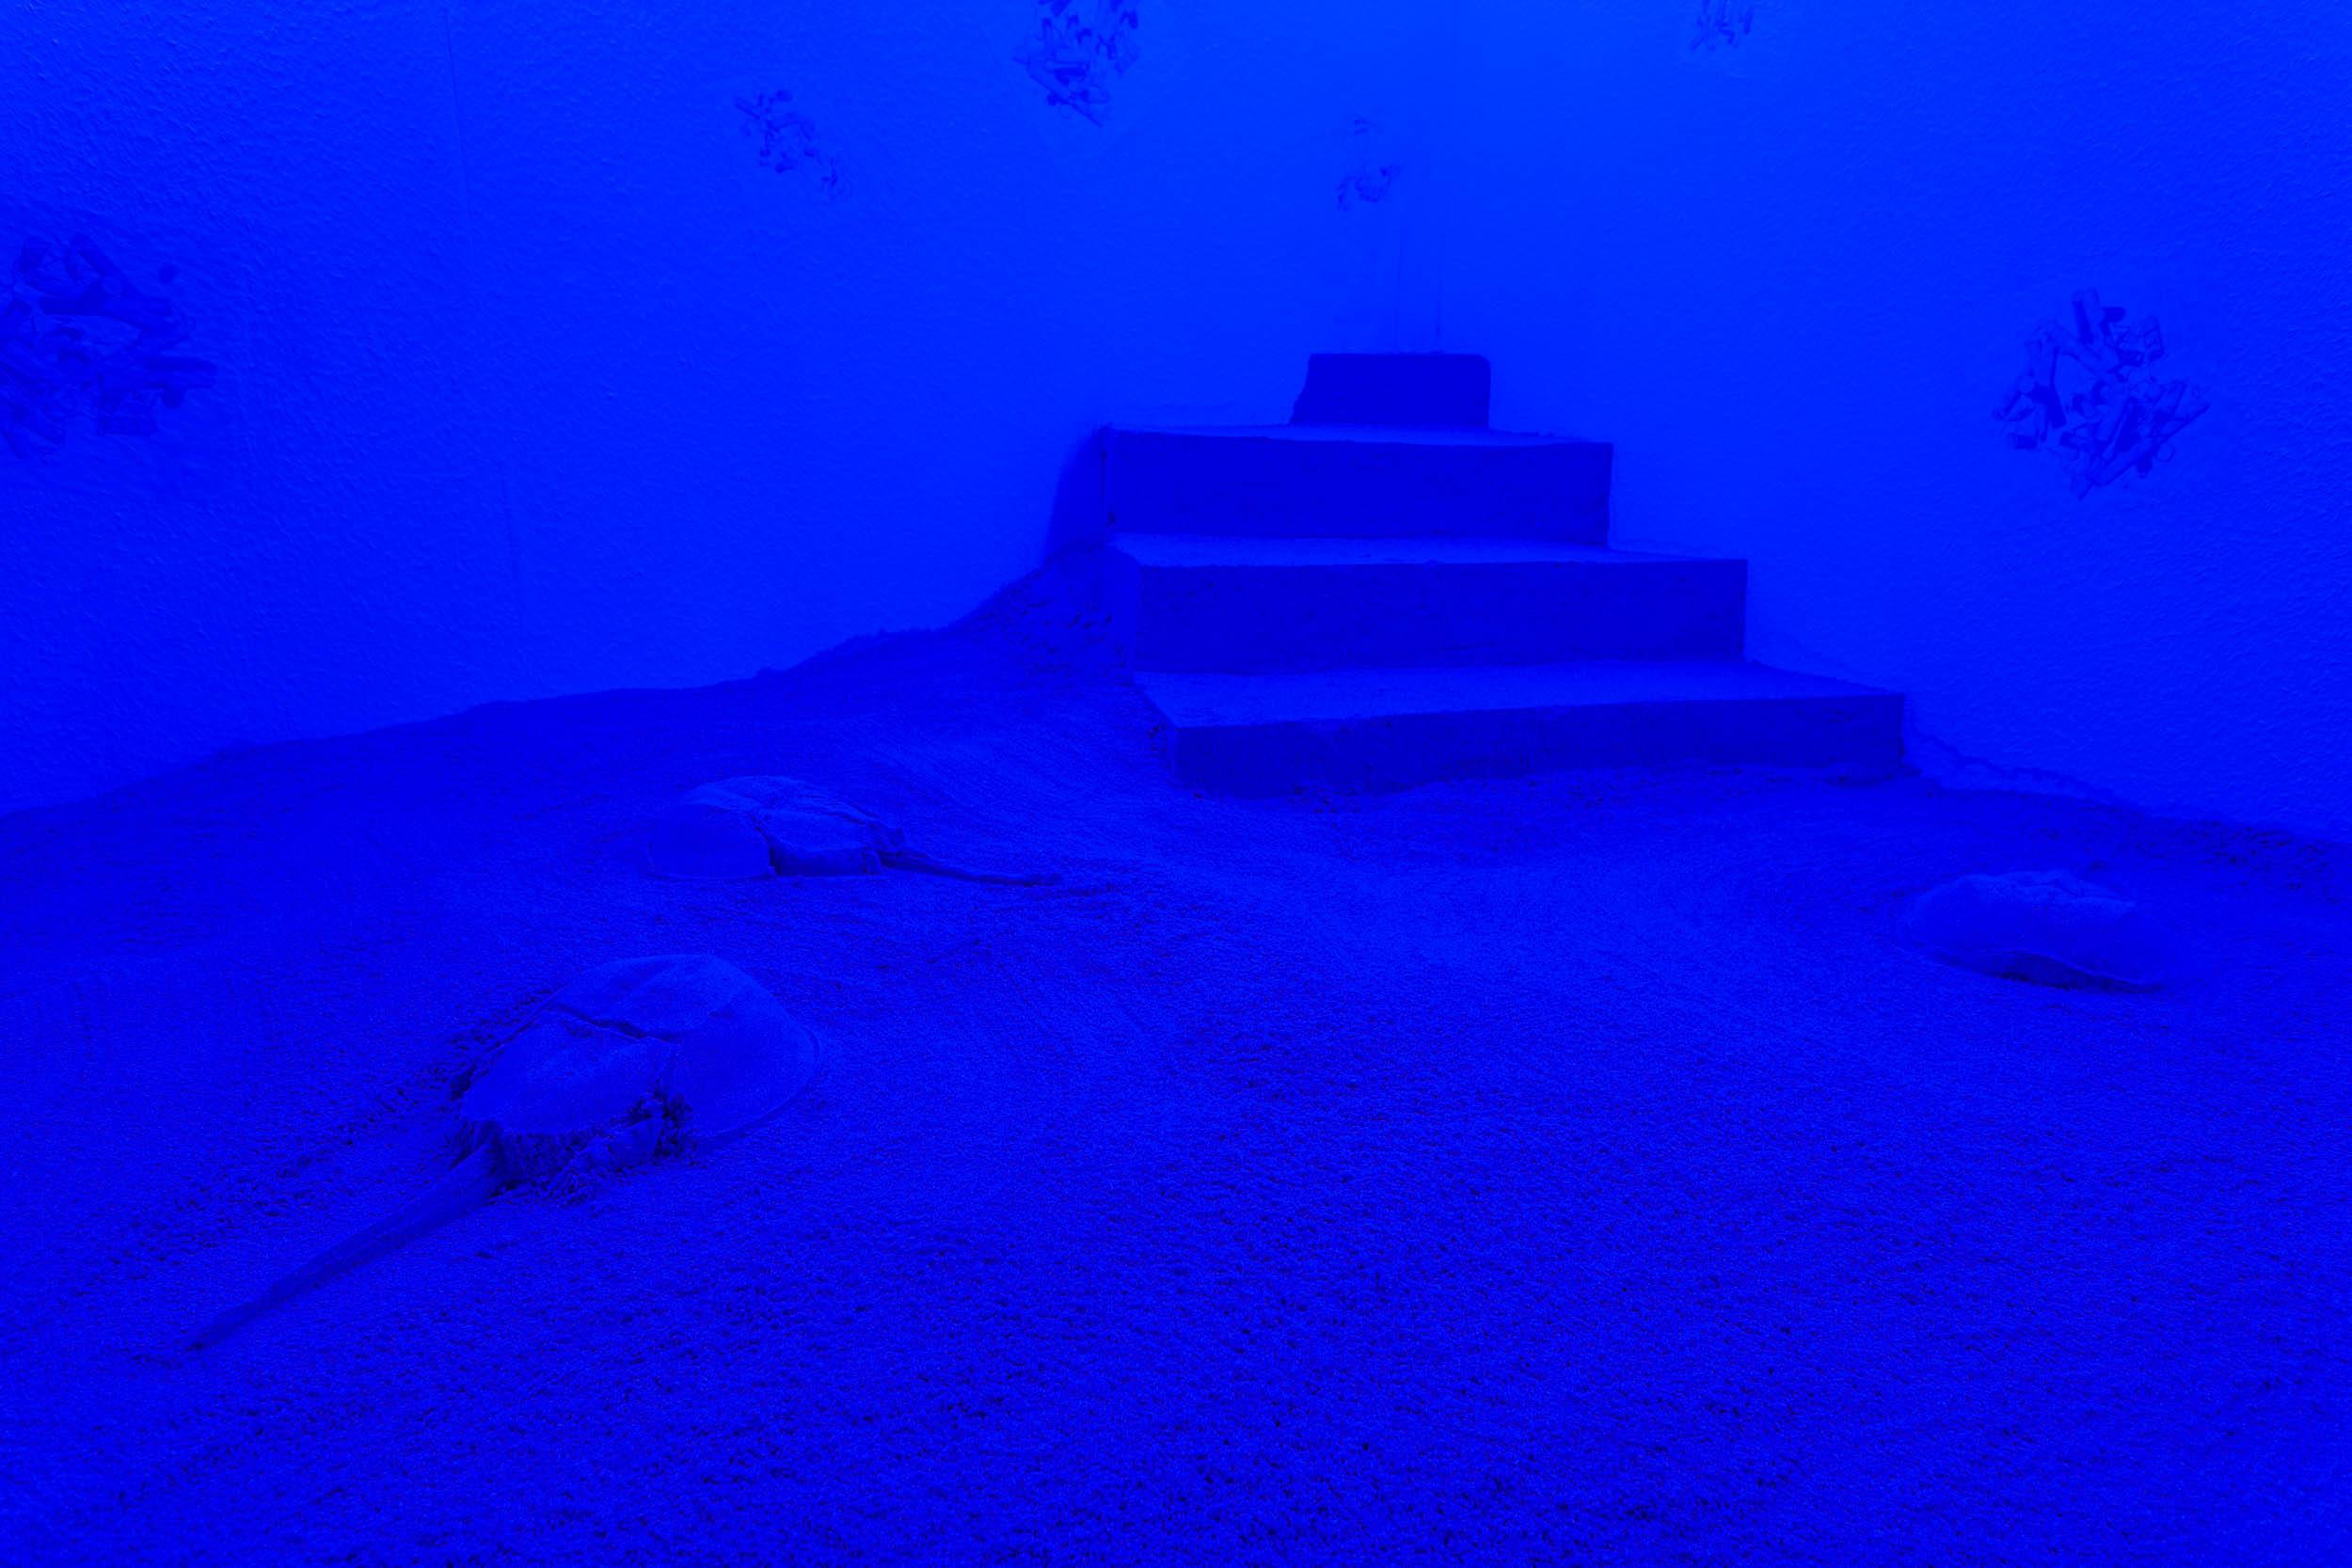 Nadim Abbas,  BLUE NOON  (detail), mixed media installation, dimensions variable   Photo: Kilian Bannwart